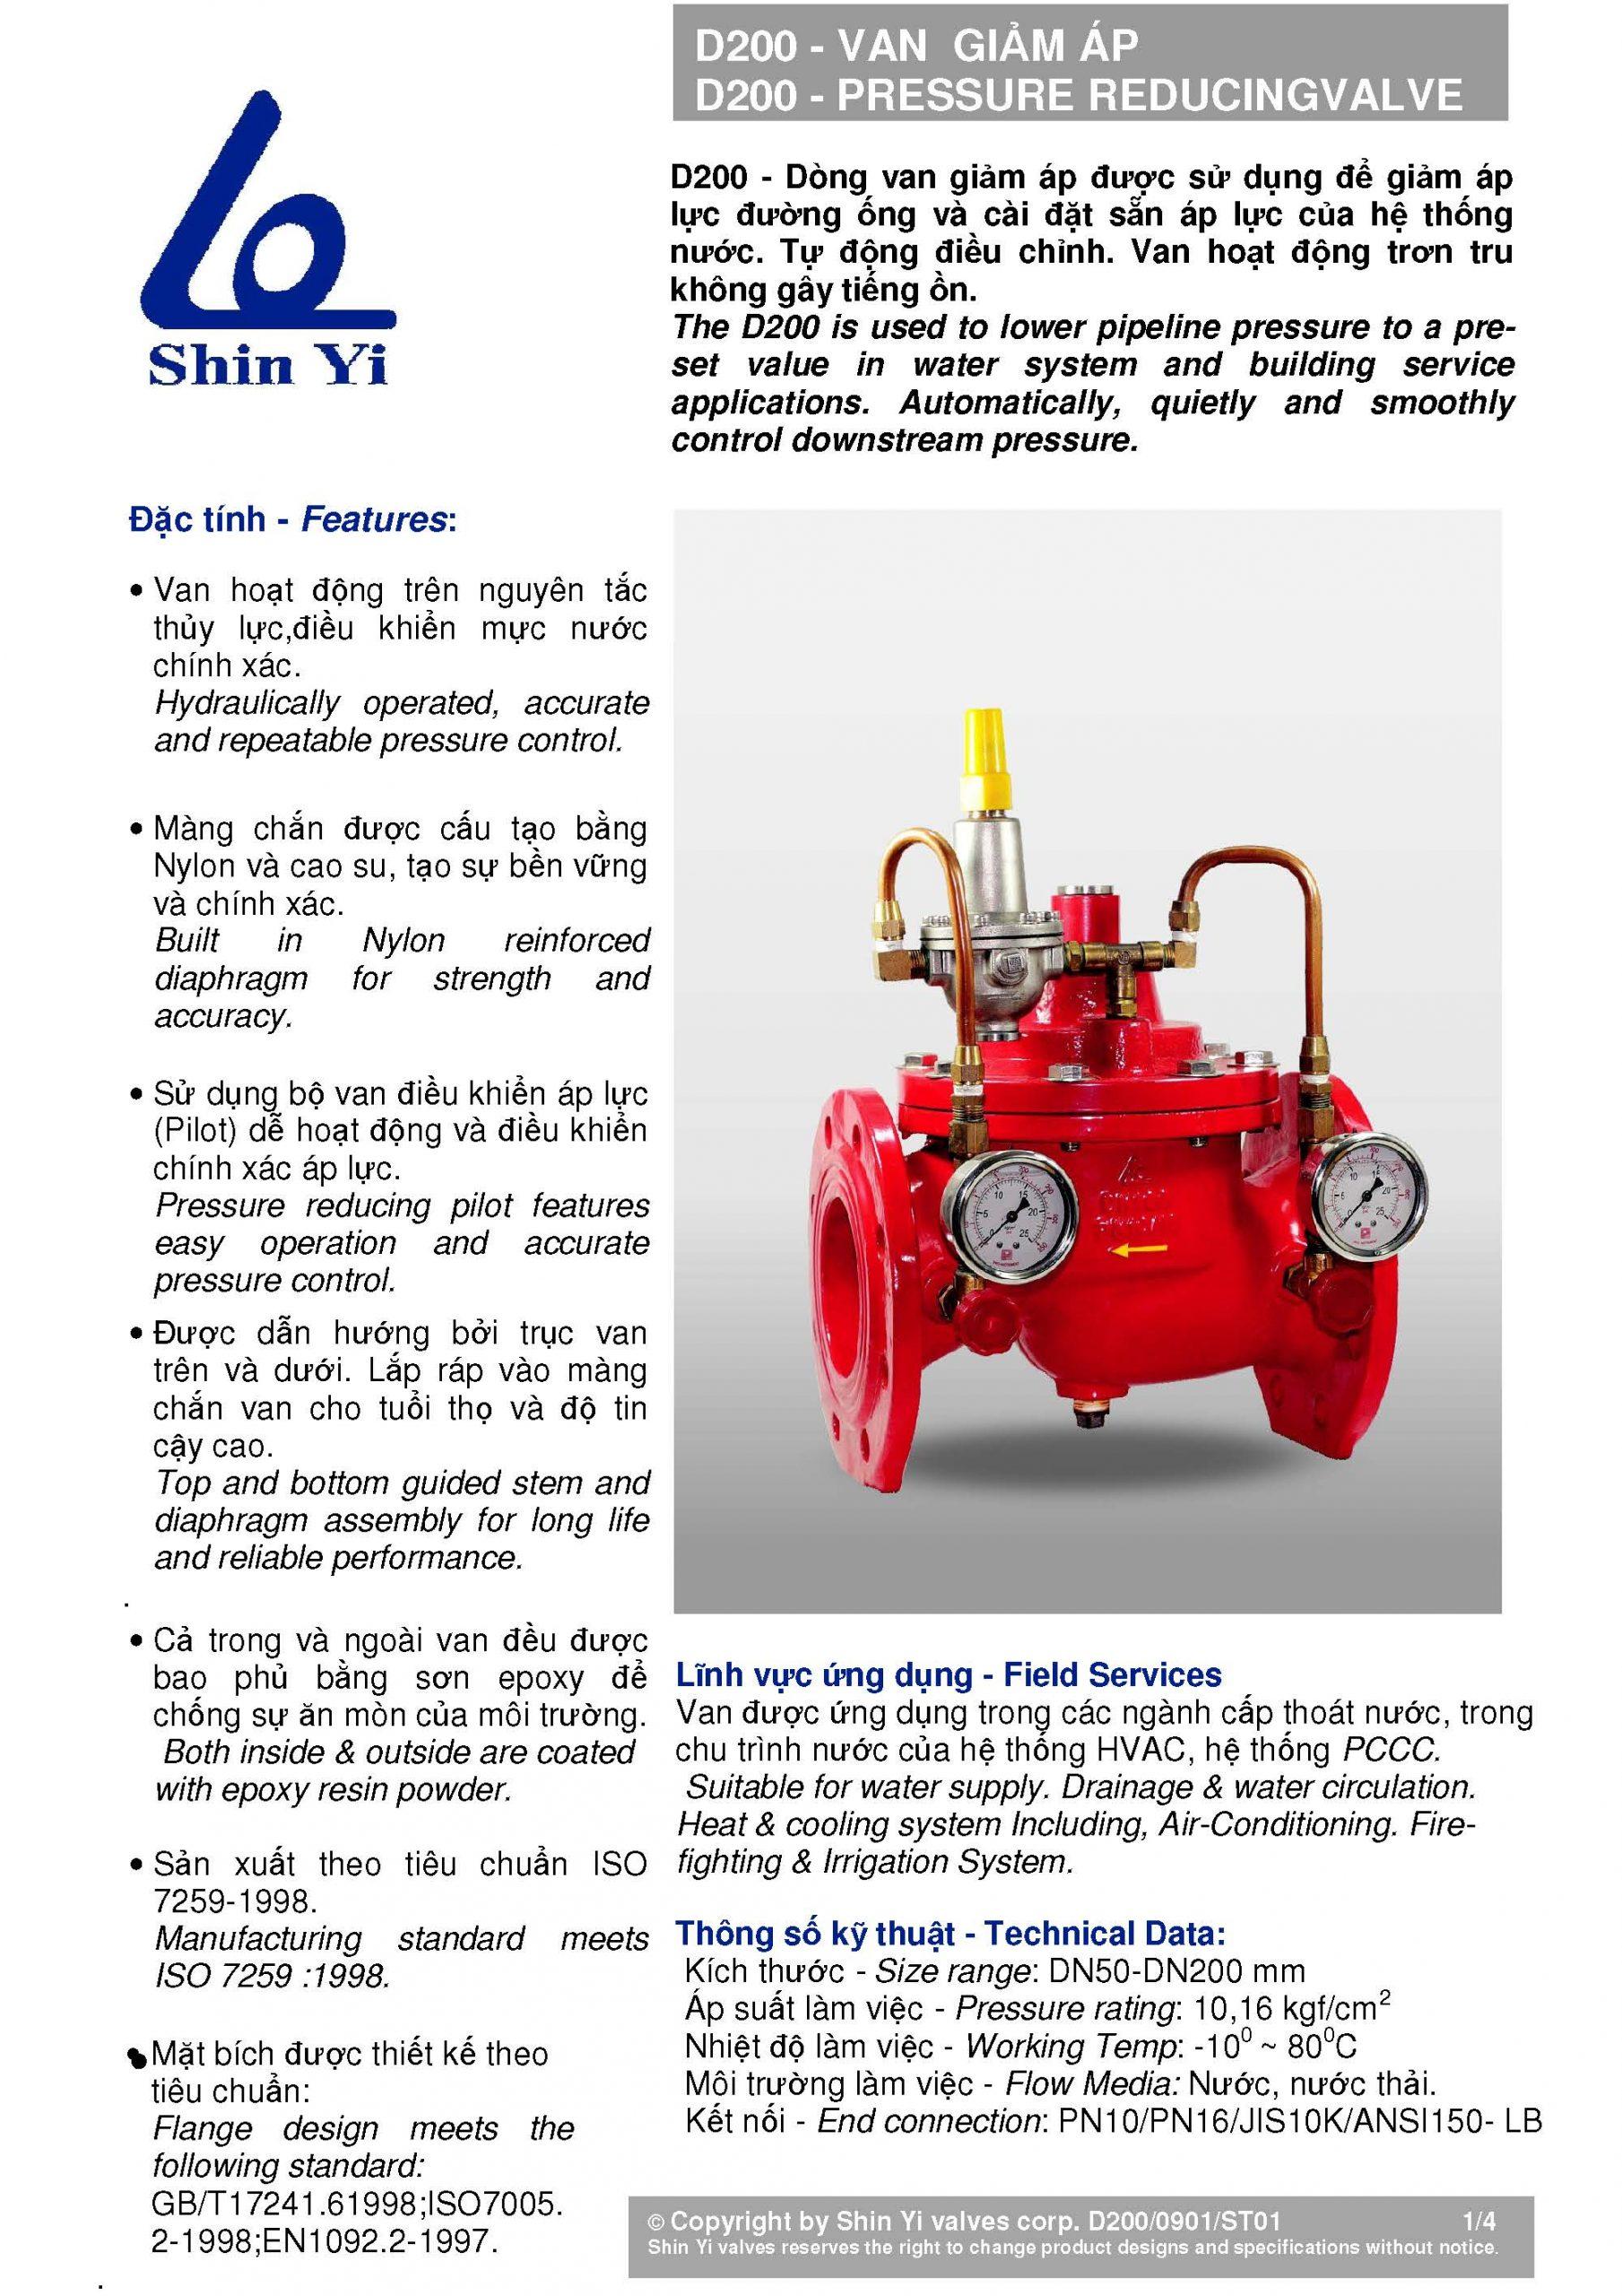 đặc tính Van giảm áp Shin Yi – Taiwan (pressure reducing valve)